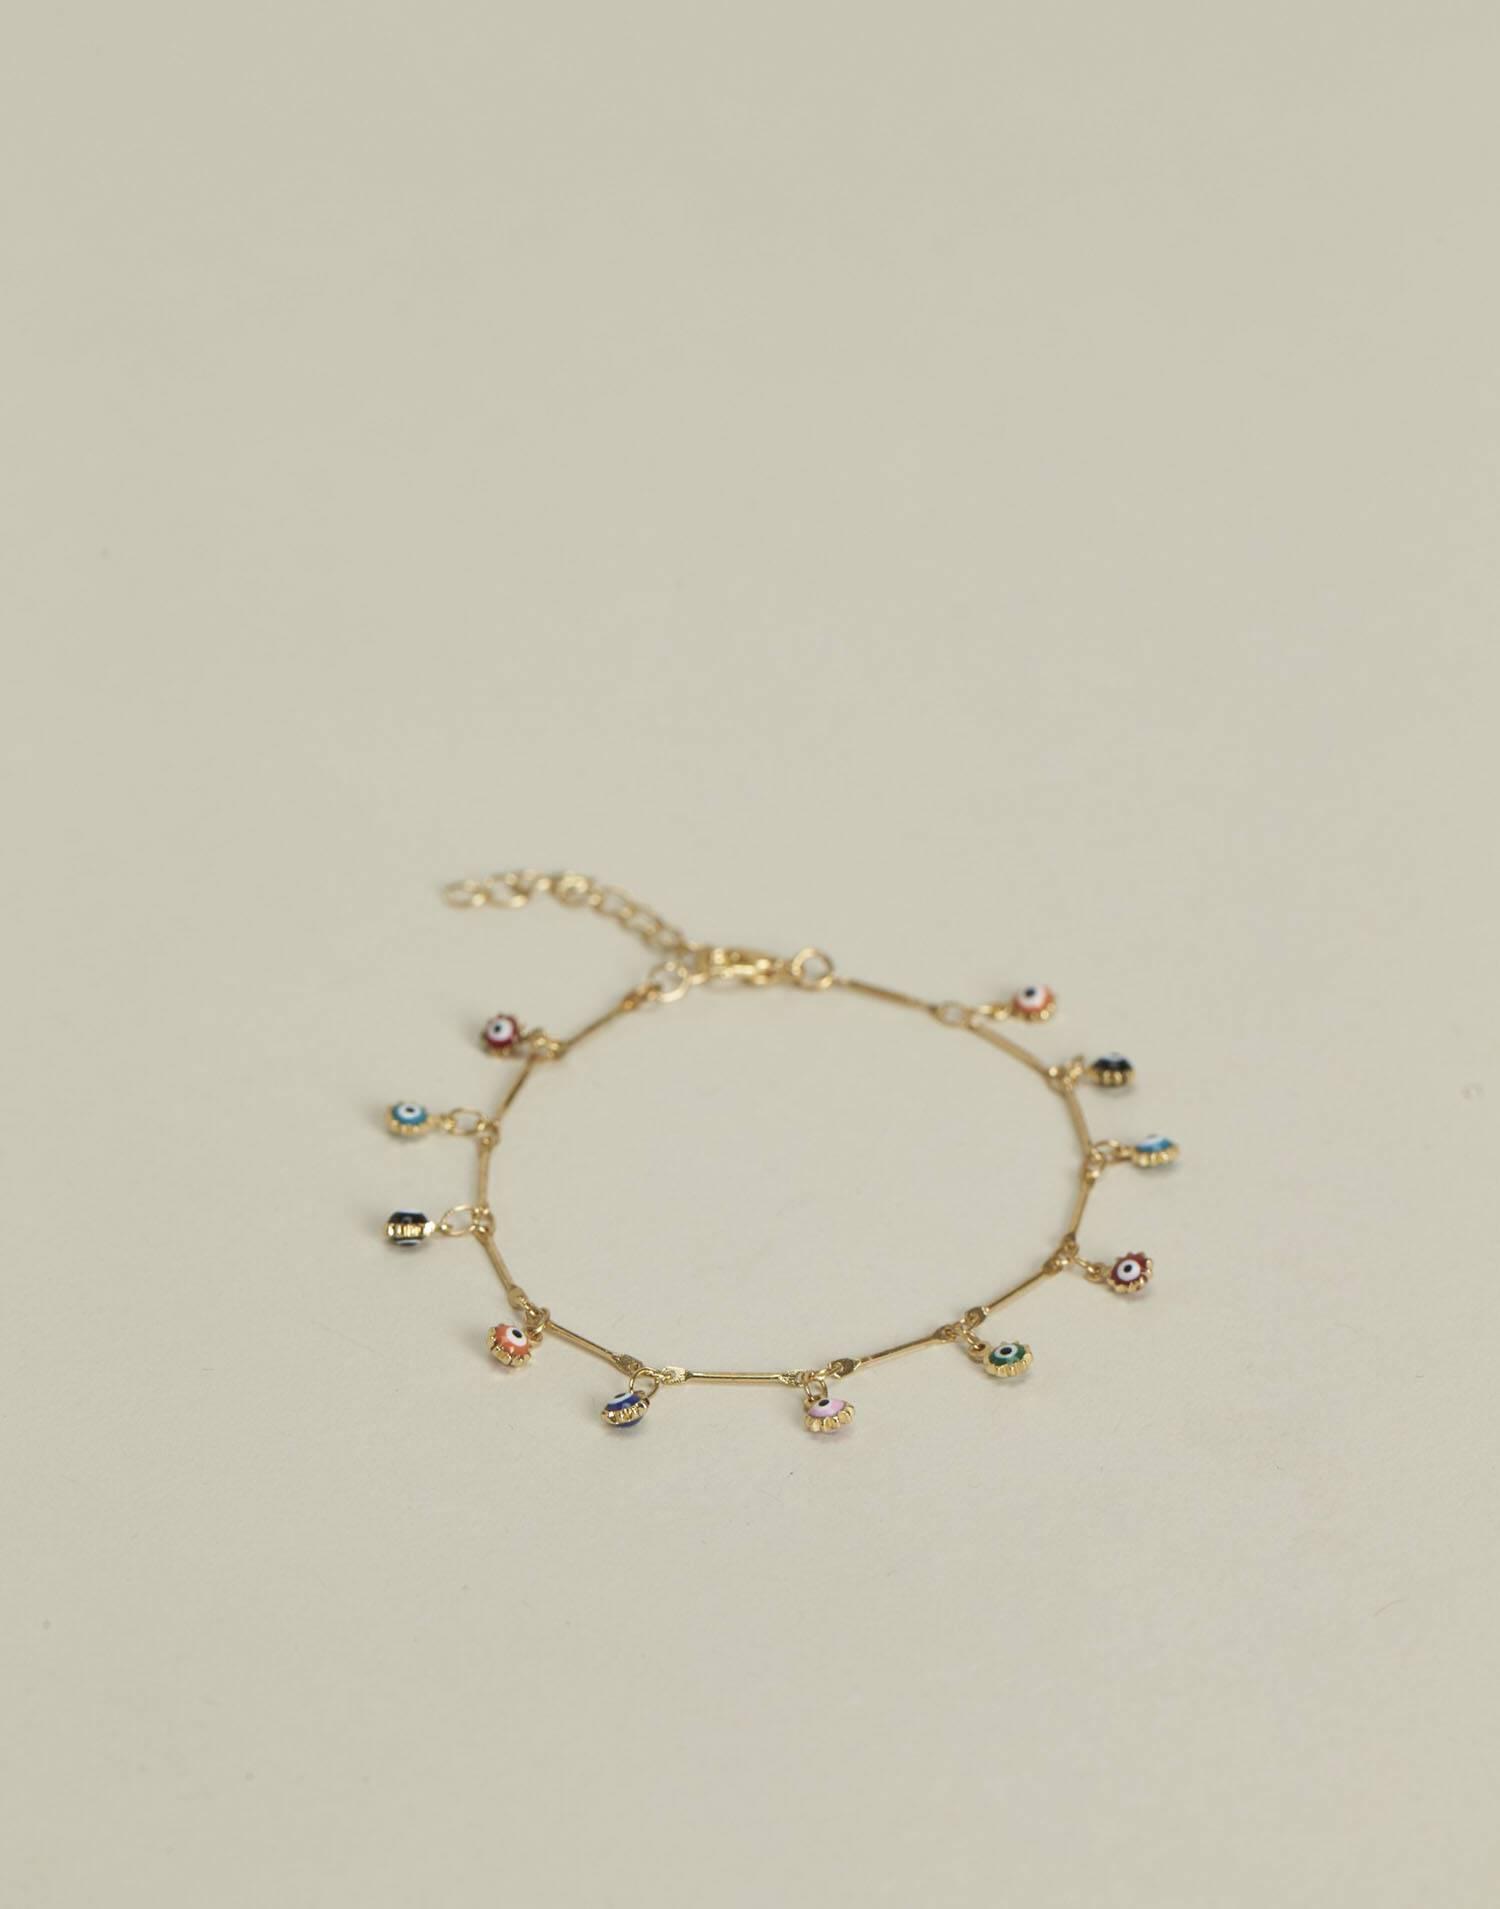 Evil's eye multipendant bracelet